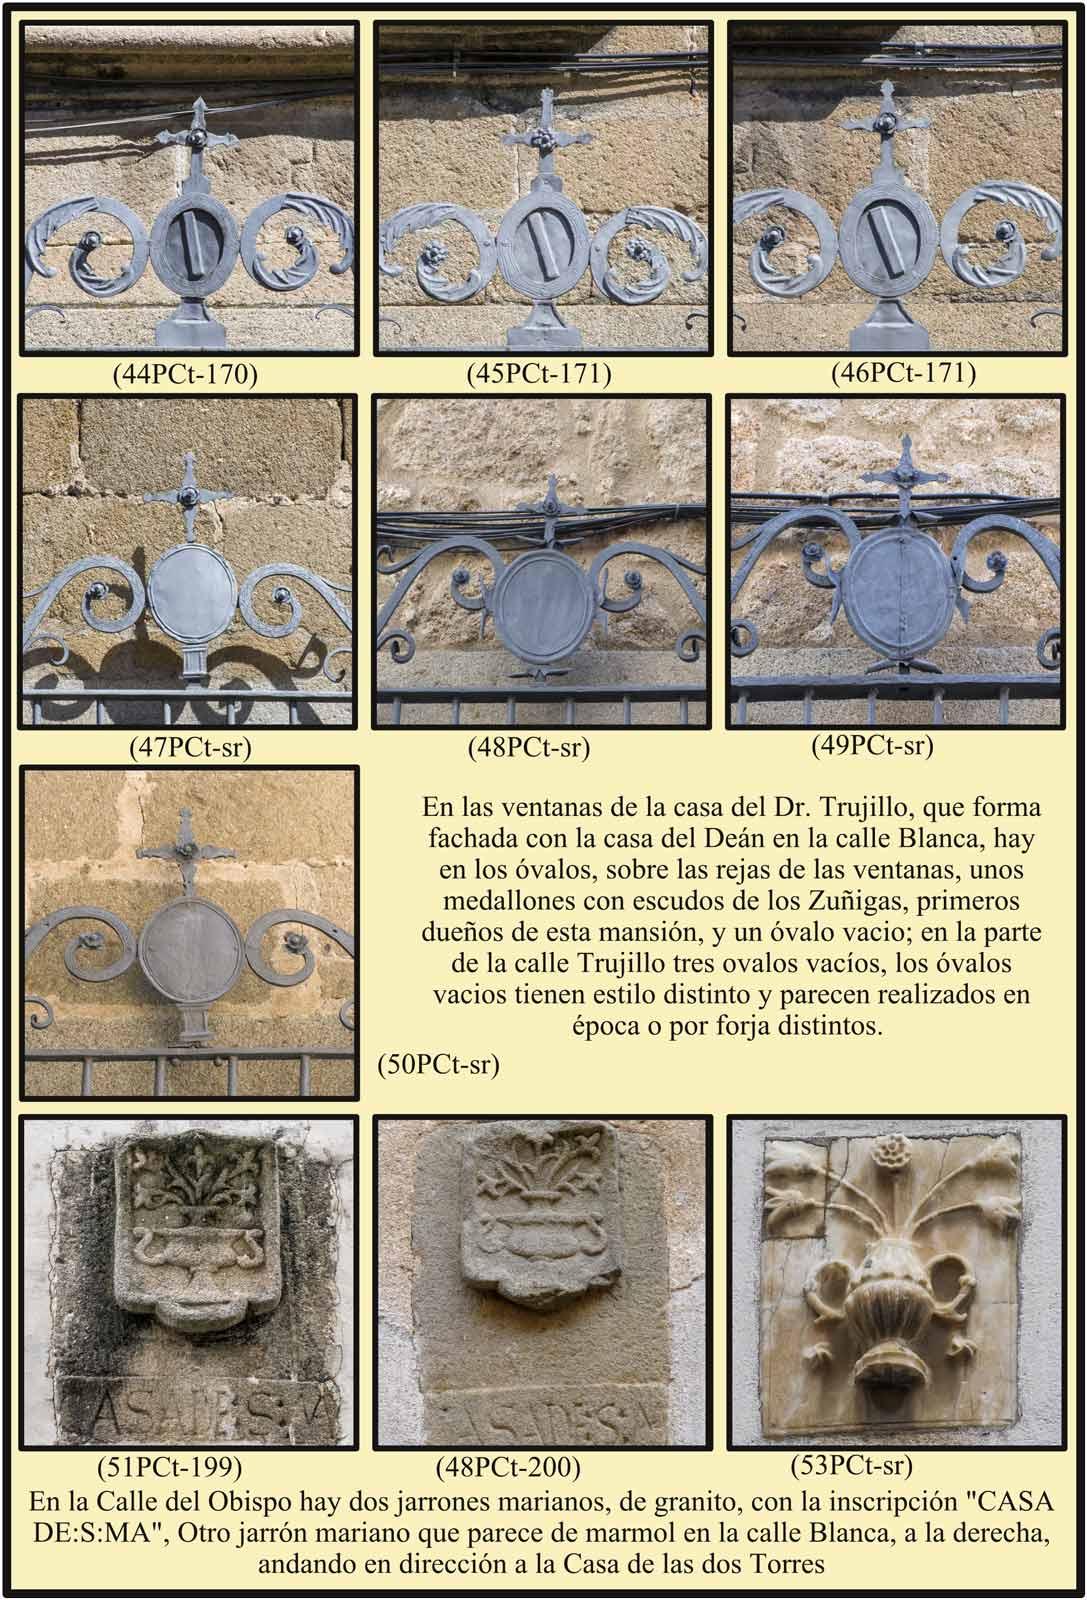 escudos Zuñiga Anagrama Santa Maria en calle del Obispo y Calle Blanca Plasencia